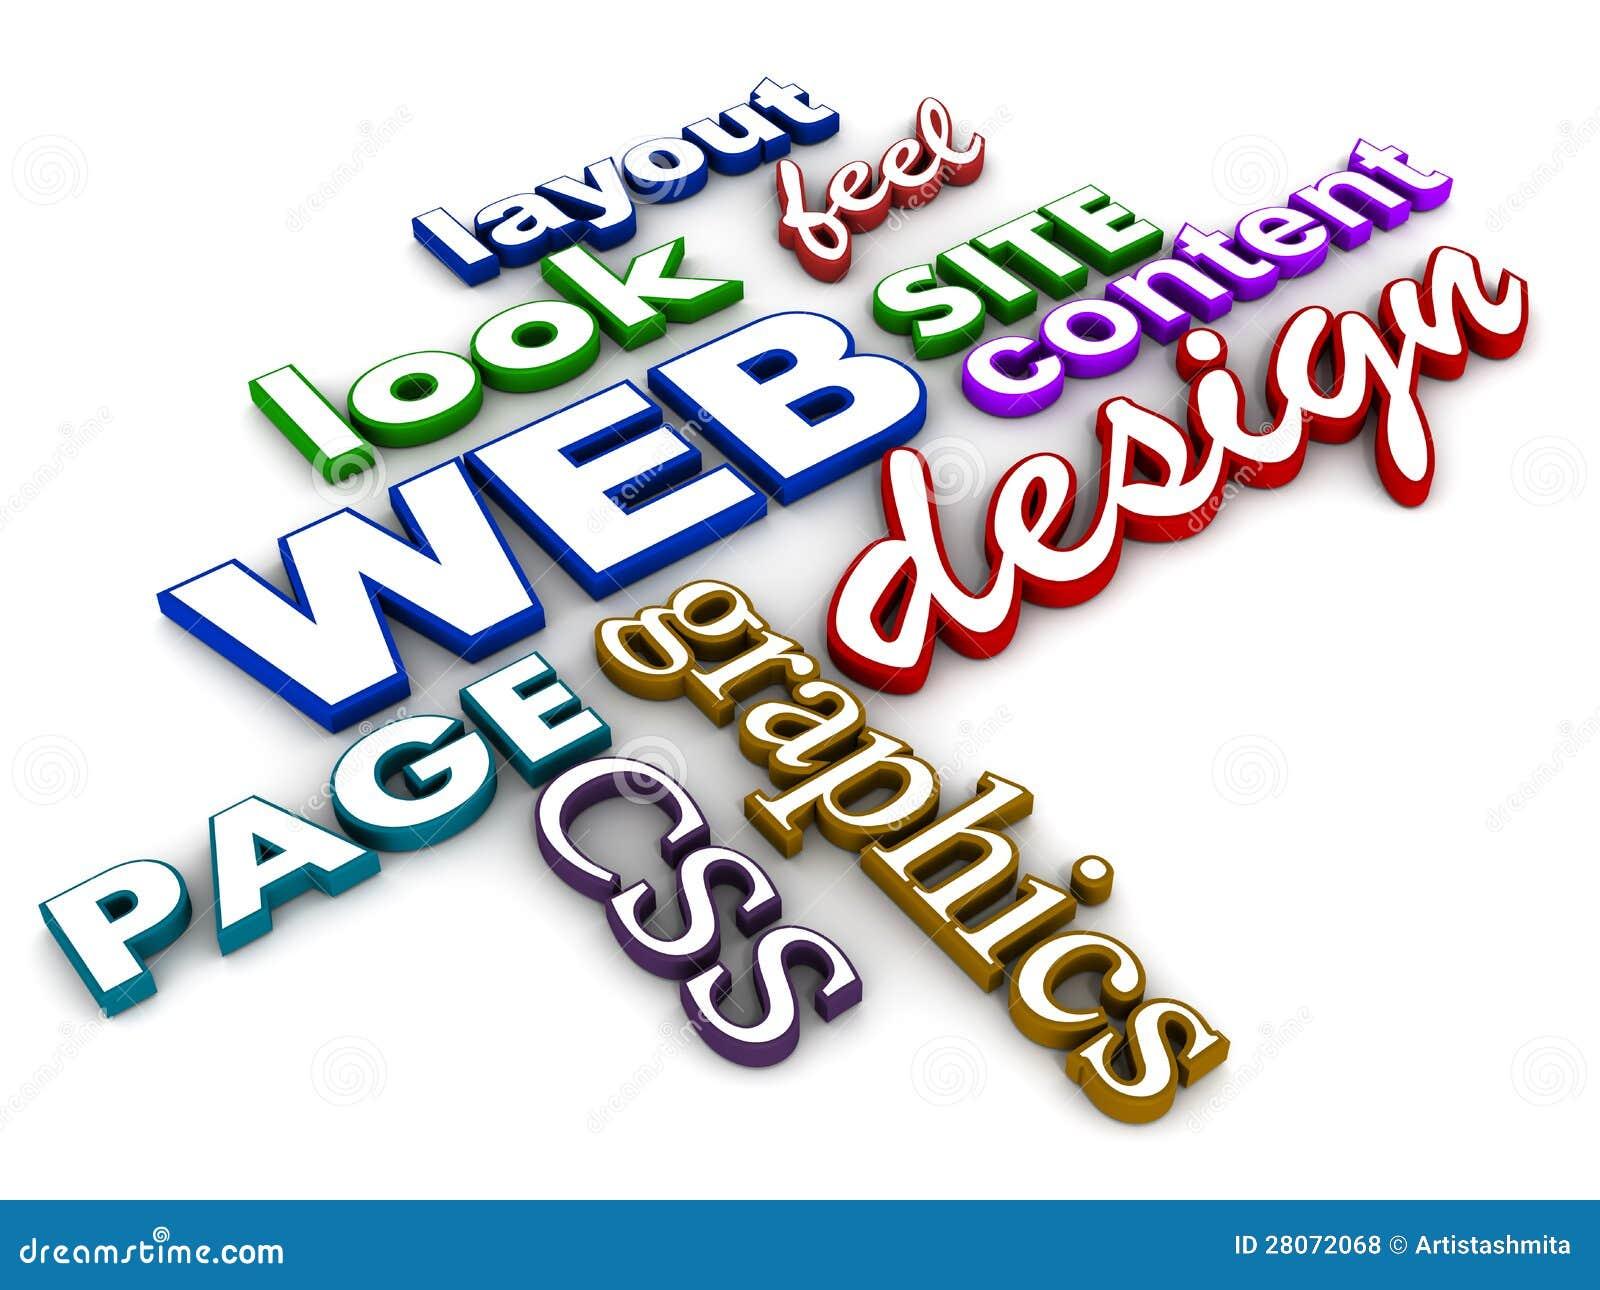 Dise?o web